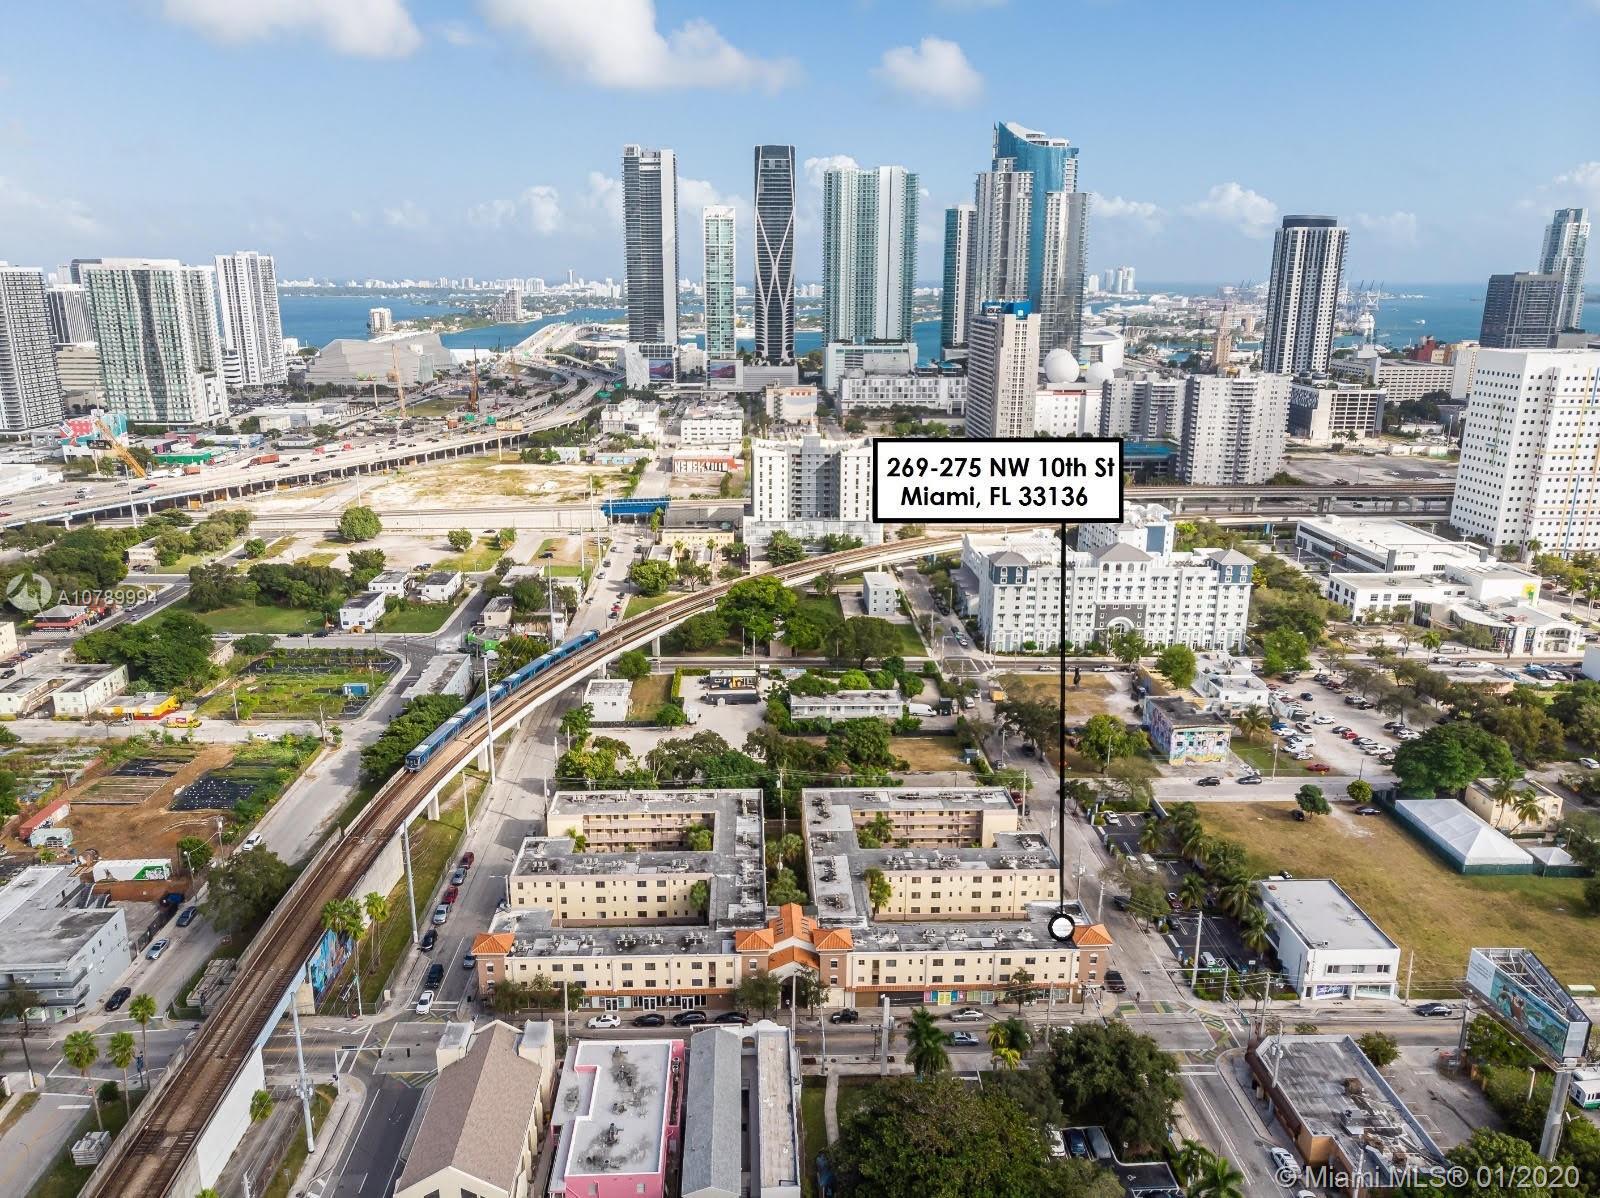 269-275 NW 10th St, Miami, FL 33136